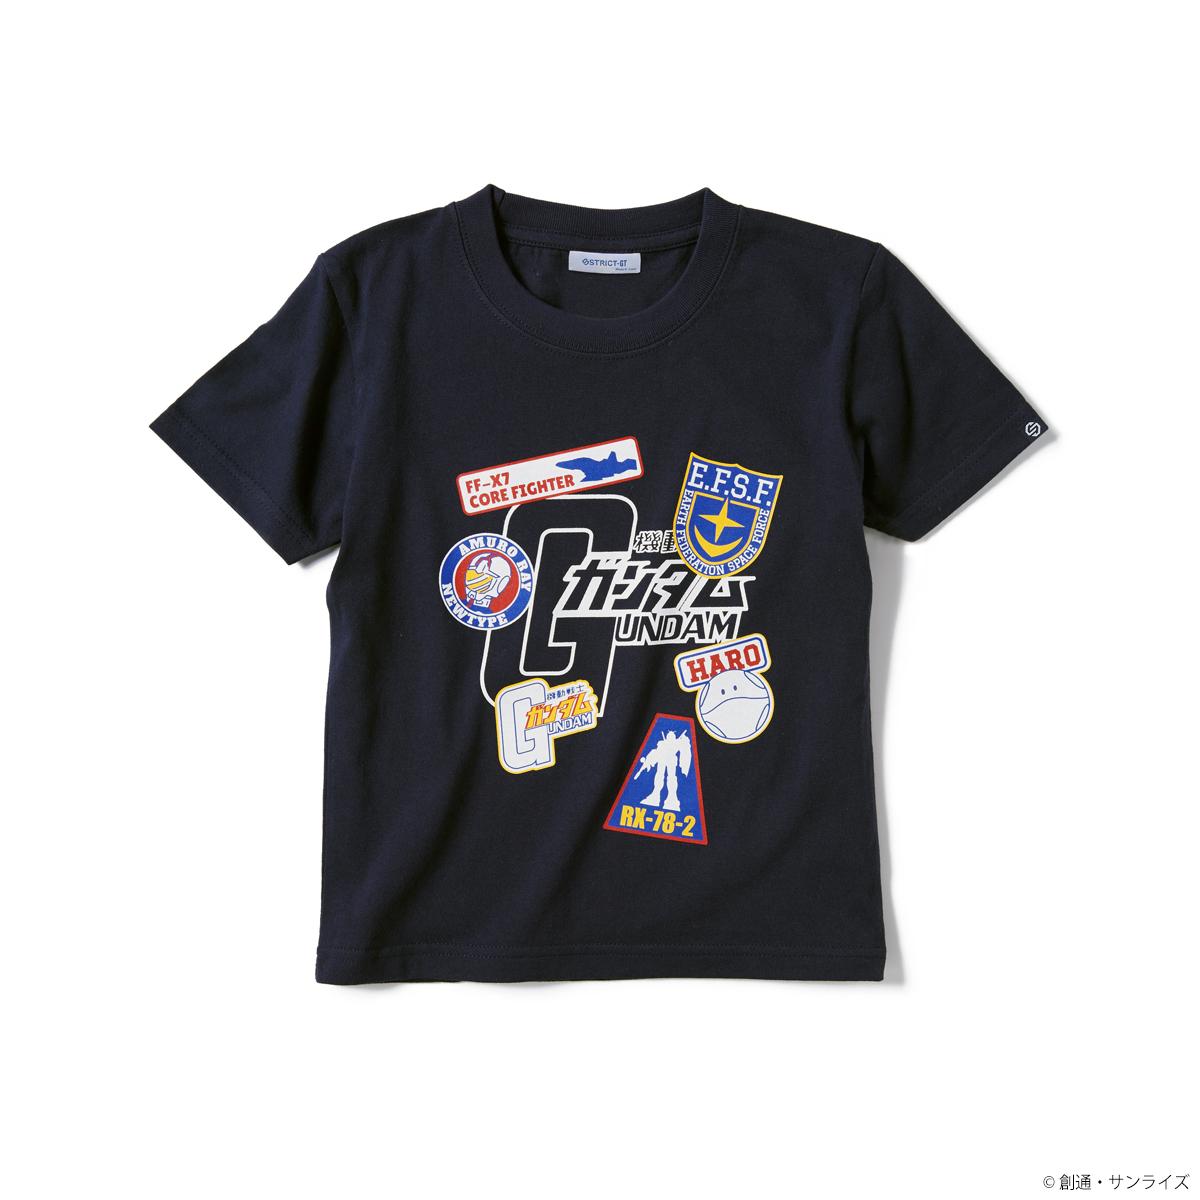 『機動戦士ガンダム』キッズTシャツ ワッペンイラスト柄